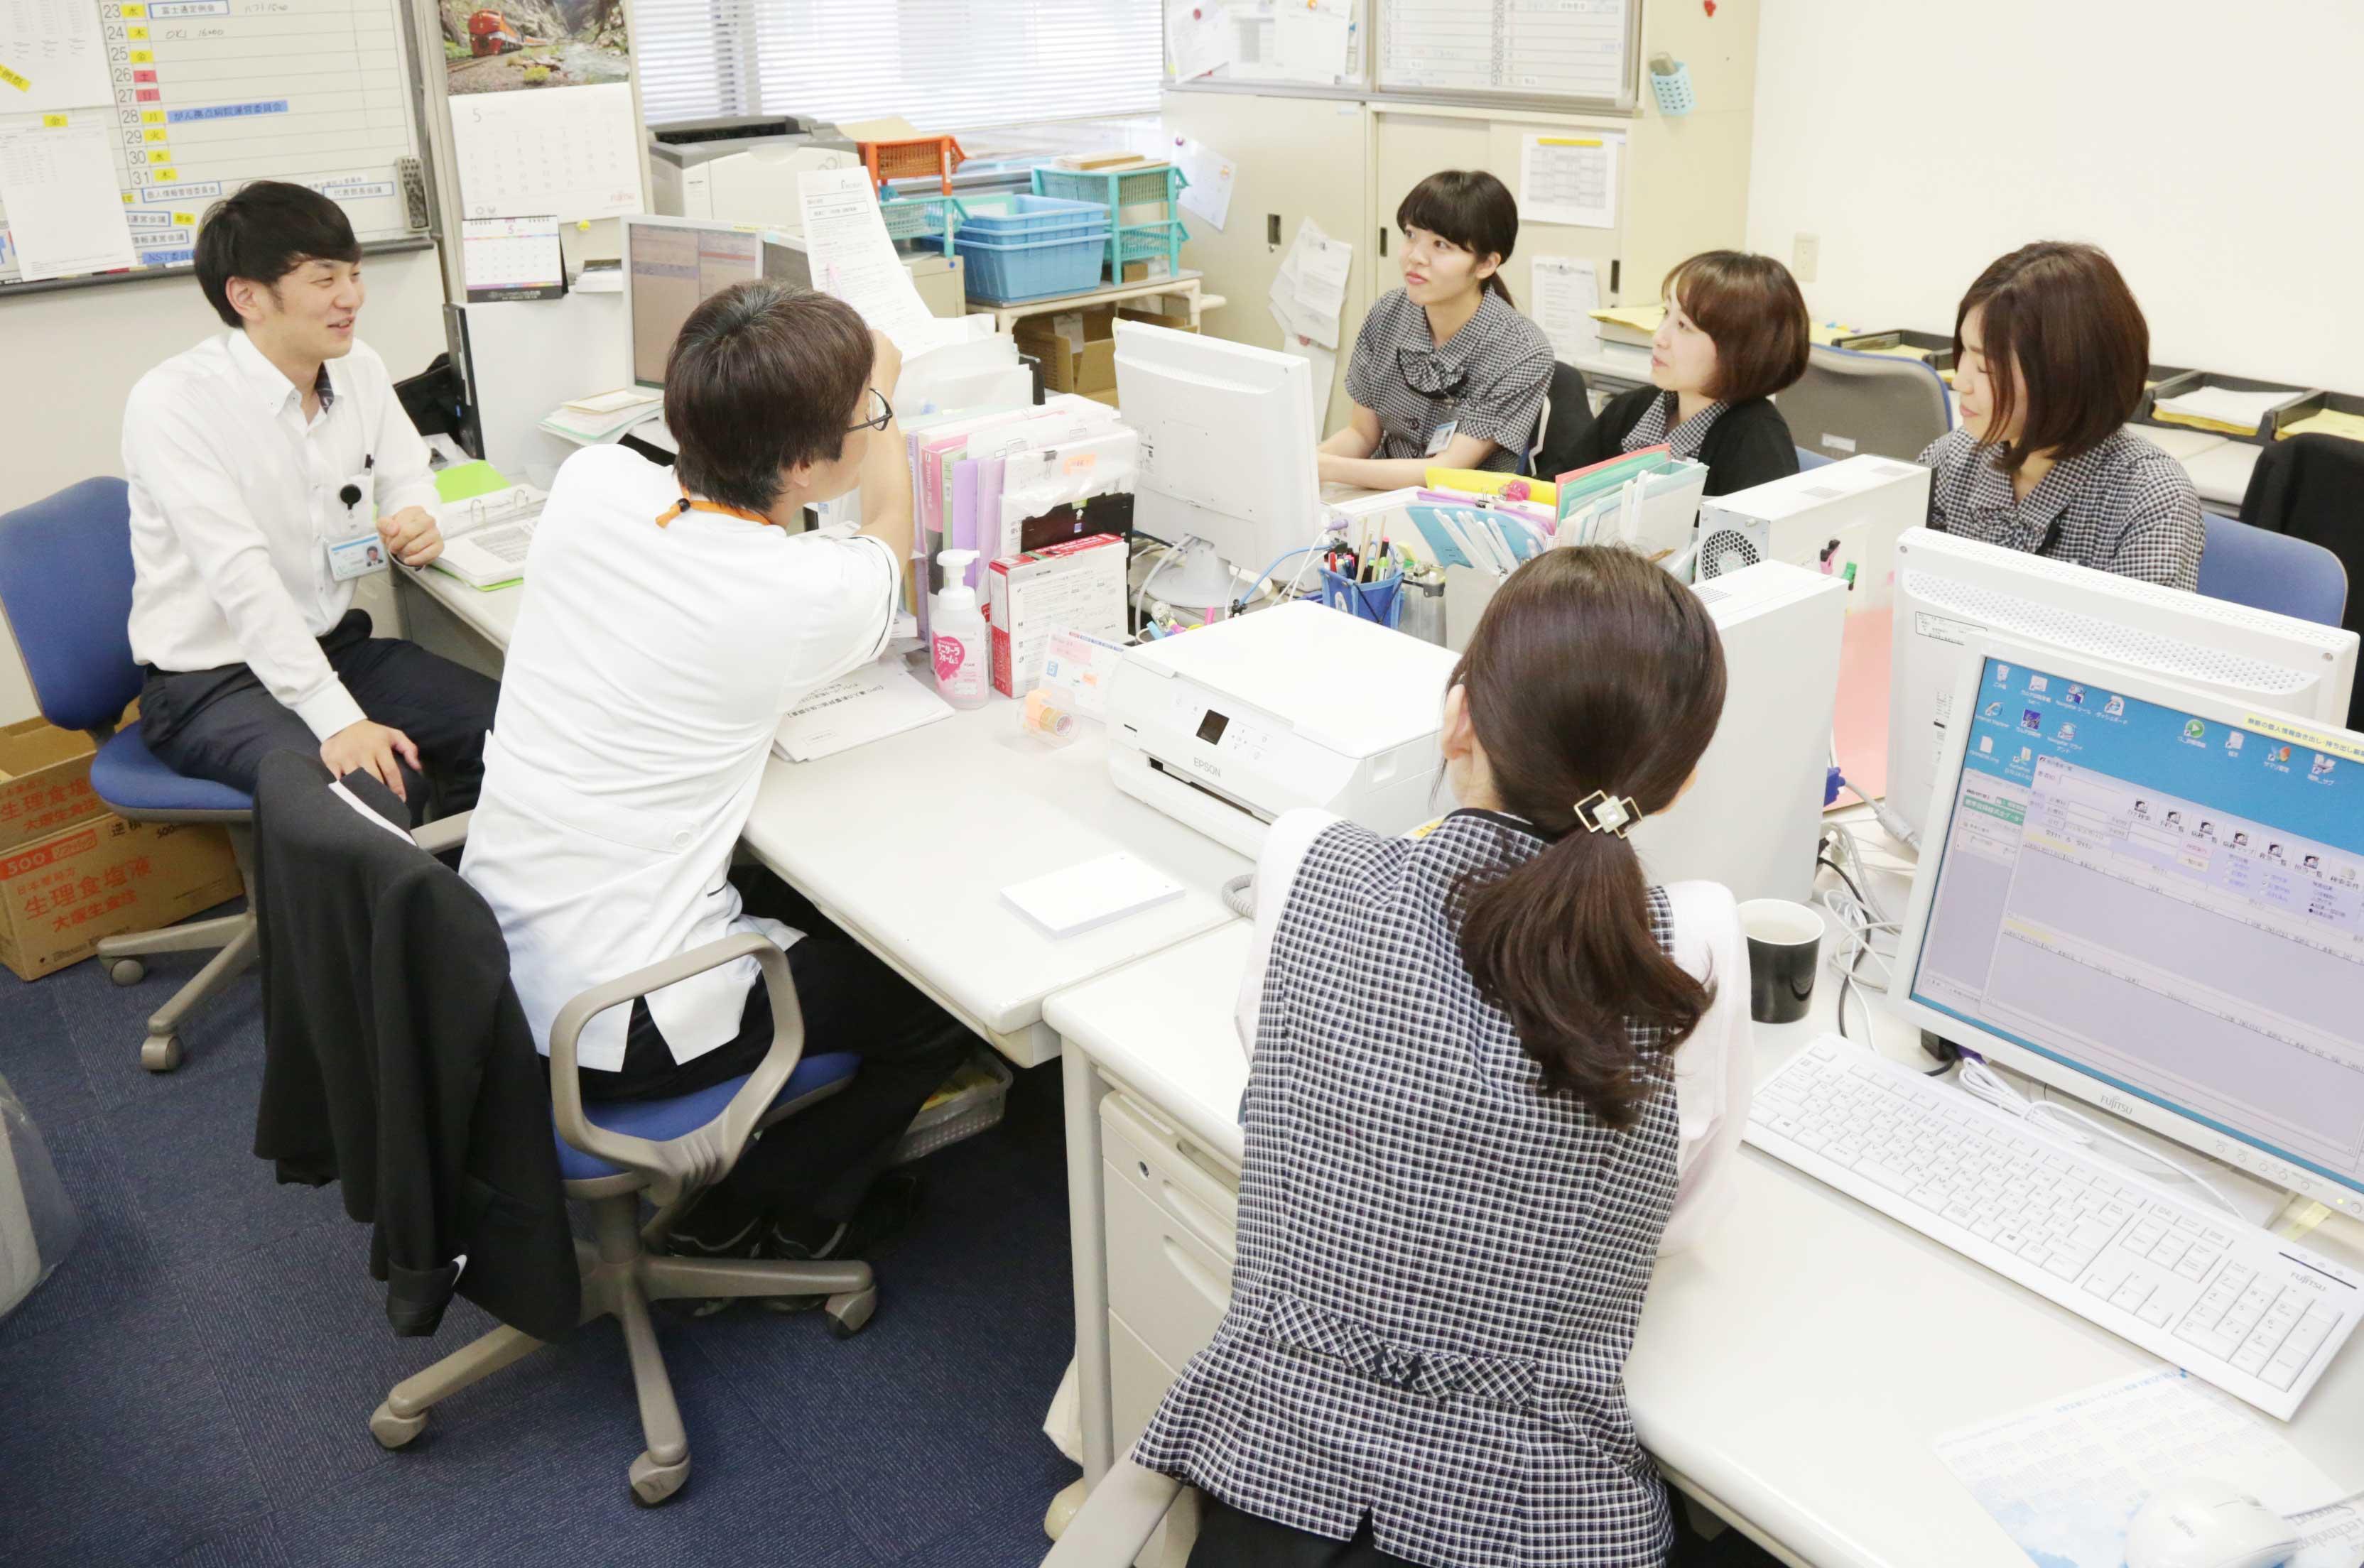 01_meeting.jpg